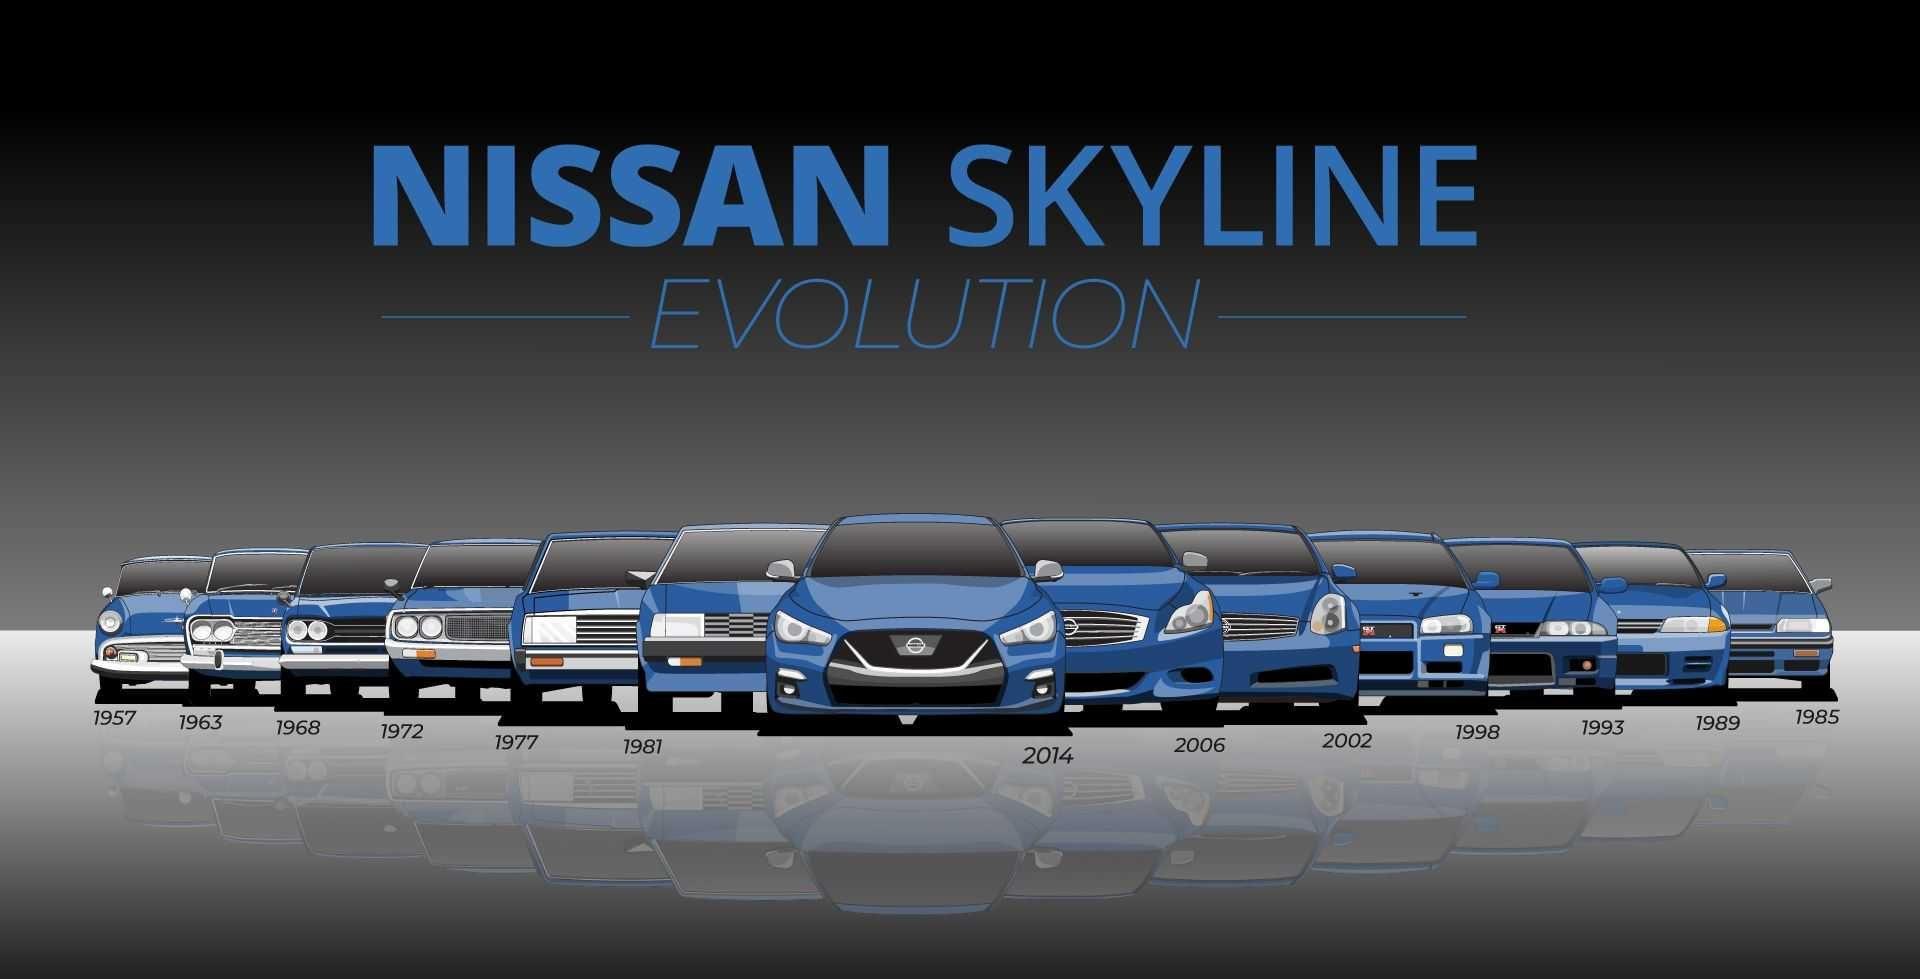 نيسان سكايلاين 13 جيلاً من أسطورة السيارات الياباني